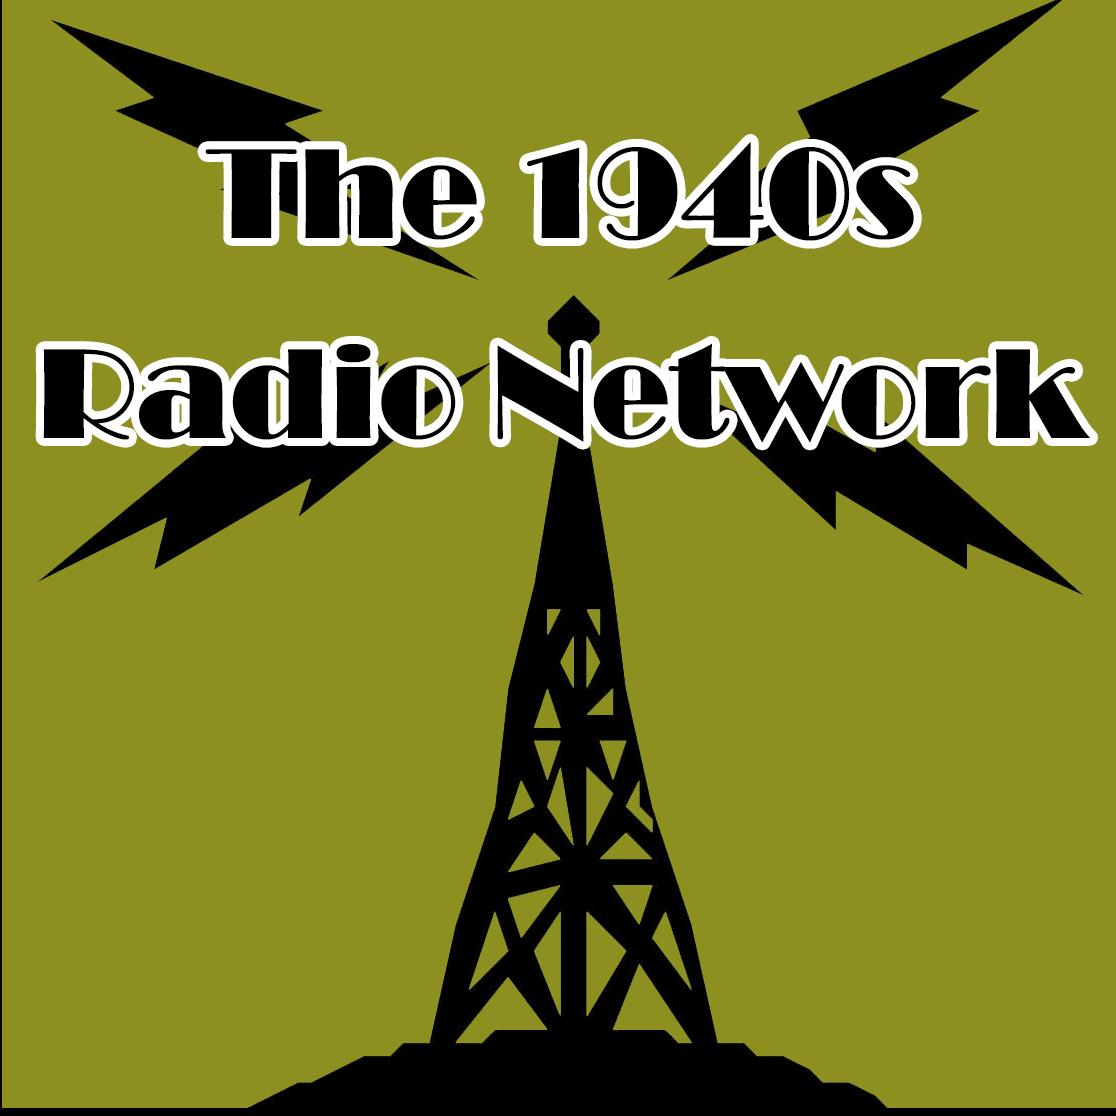 The 1940s Radio Network